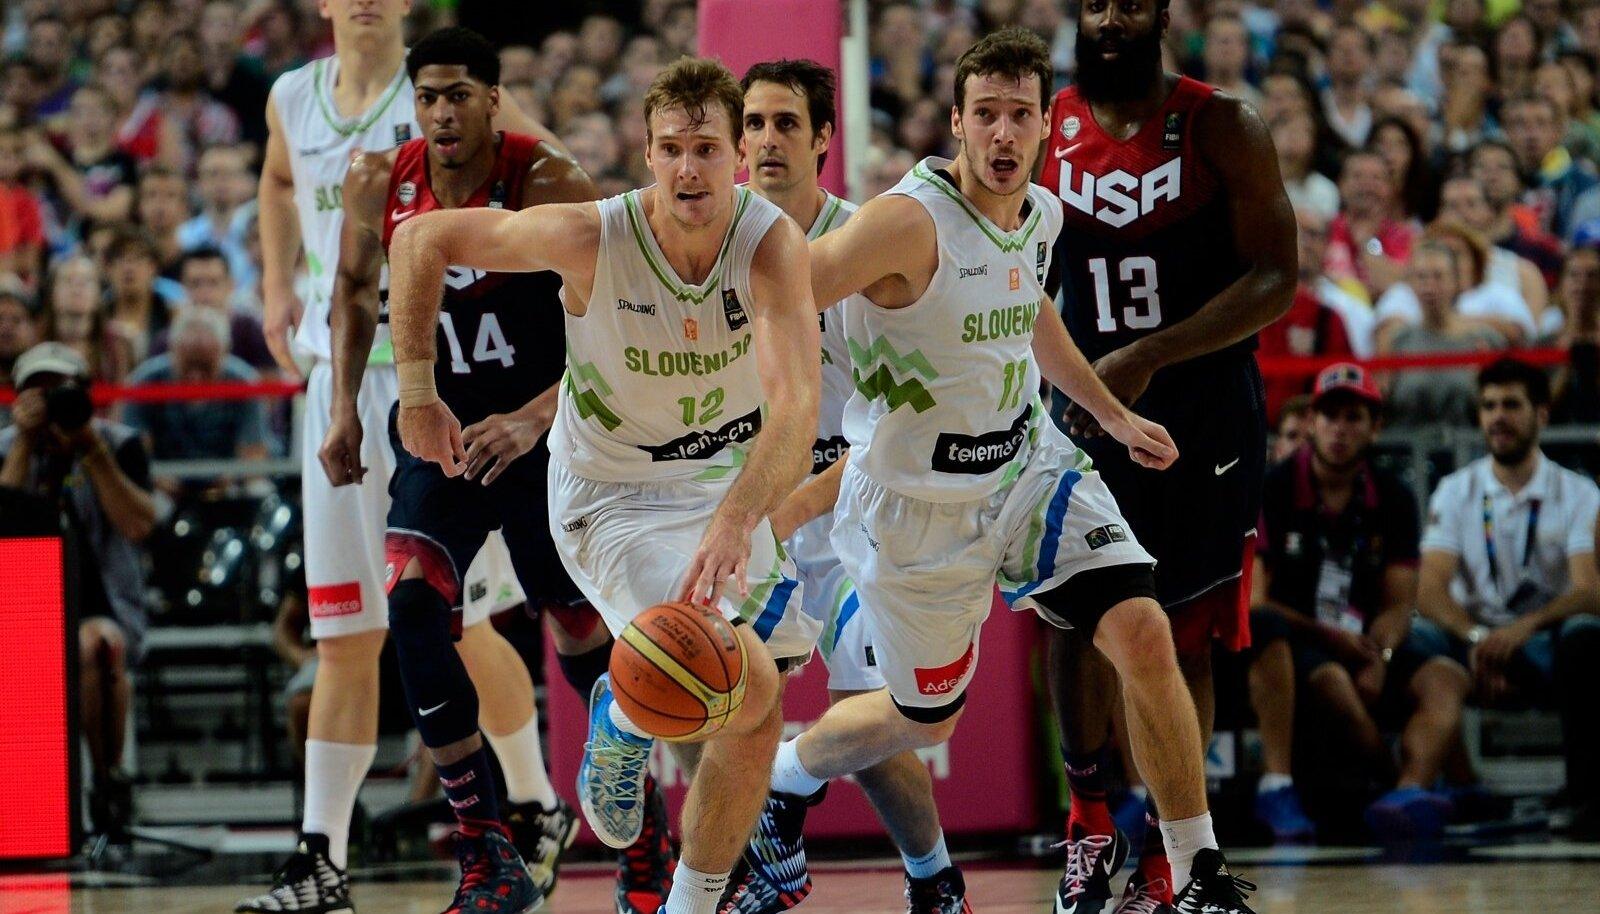 VÄIKSE RIIGI SUPERSTAARID: Sloveenia korvpallurid Goran ja Zoran Dragić (palliga). Pildil pagemas kiirrünnakule USA kossutähtede eest.